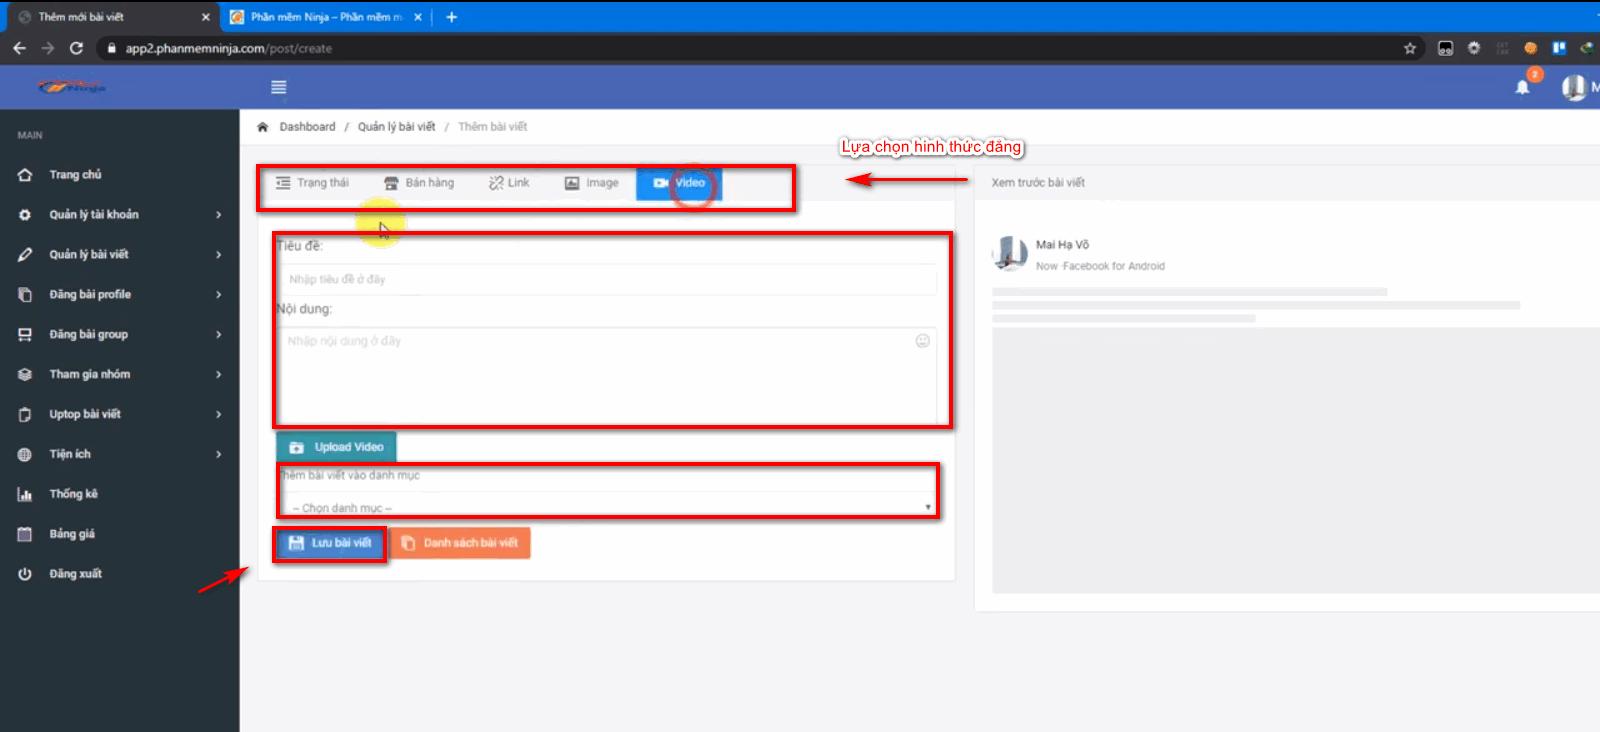 dang bai tu dong facebook 7 Hướng dẫn đăng bài tự động facebook lên Profile với Ninja Auto Post V2